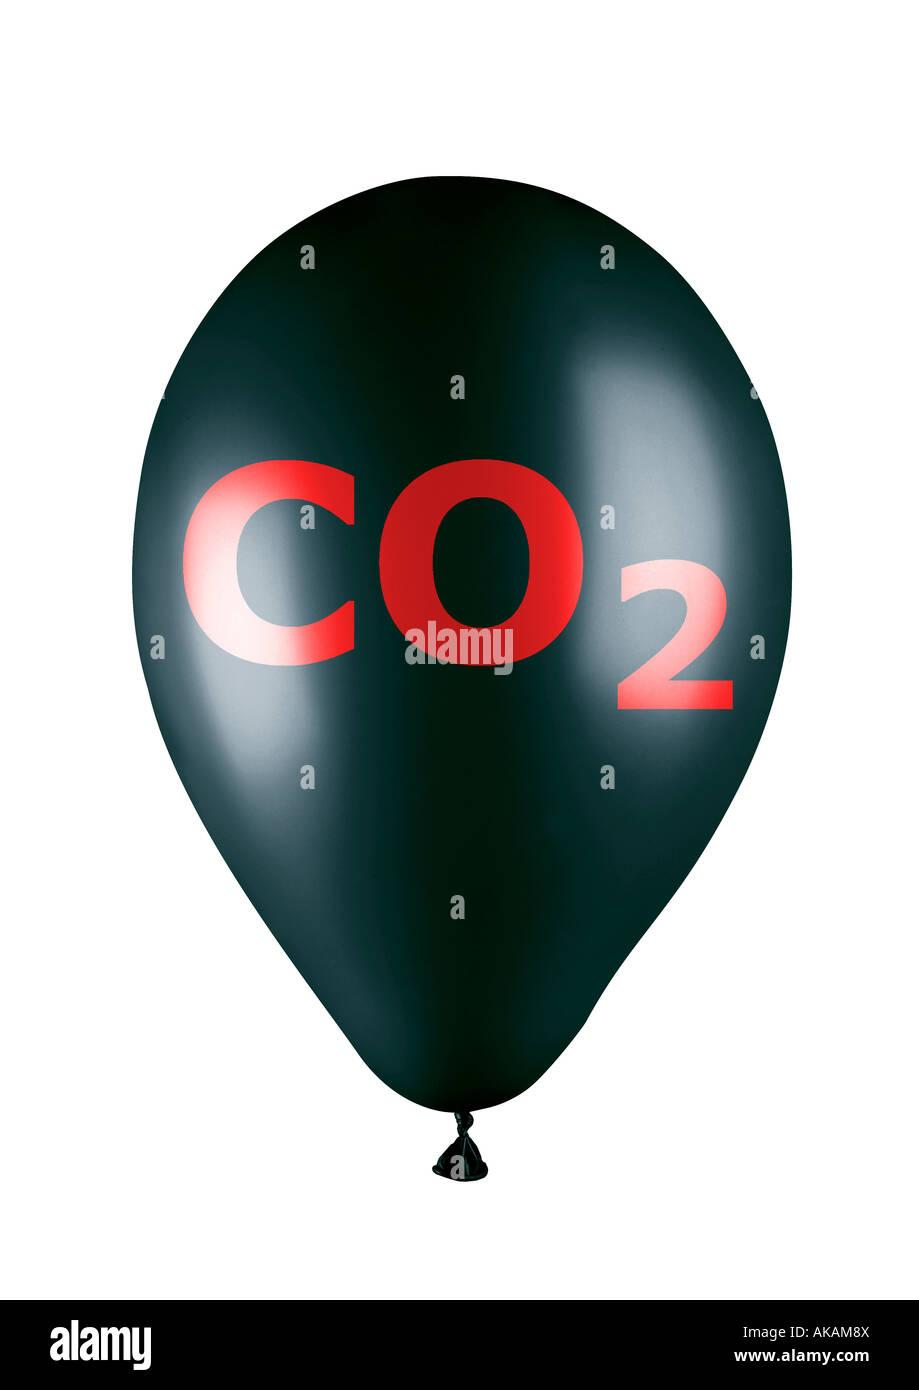 balloon co2 CO2 Ballon - Stock Image